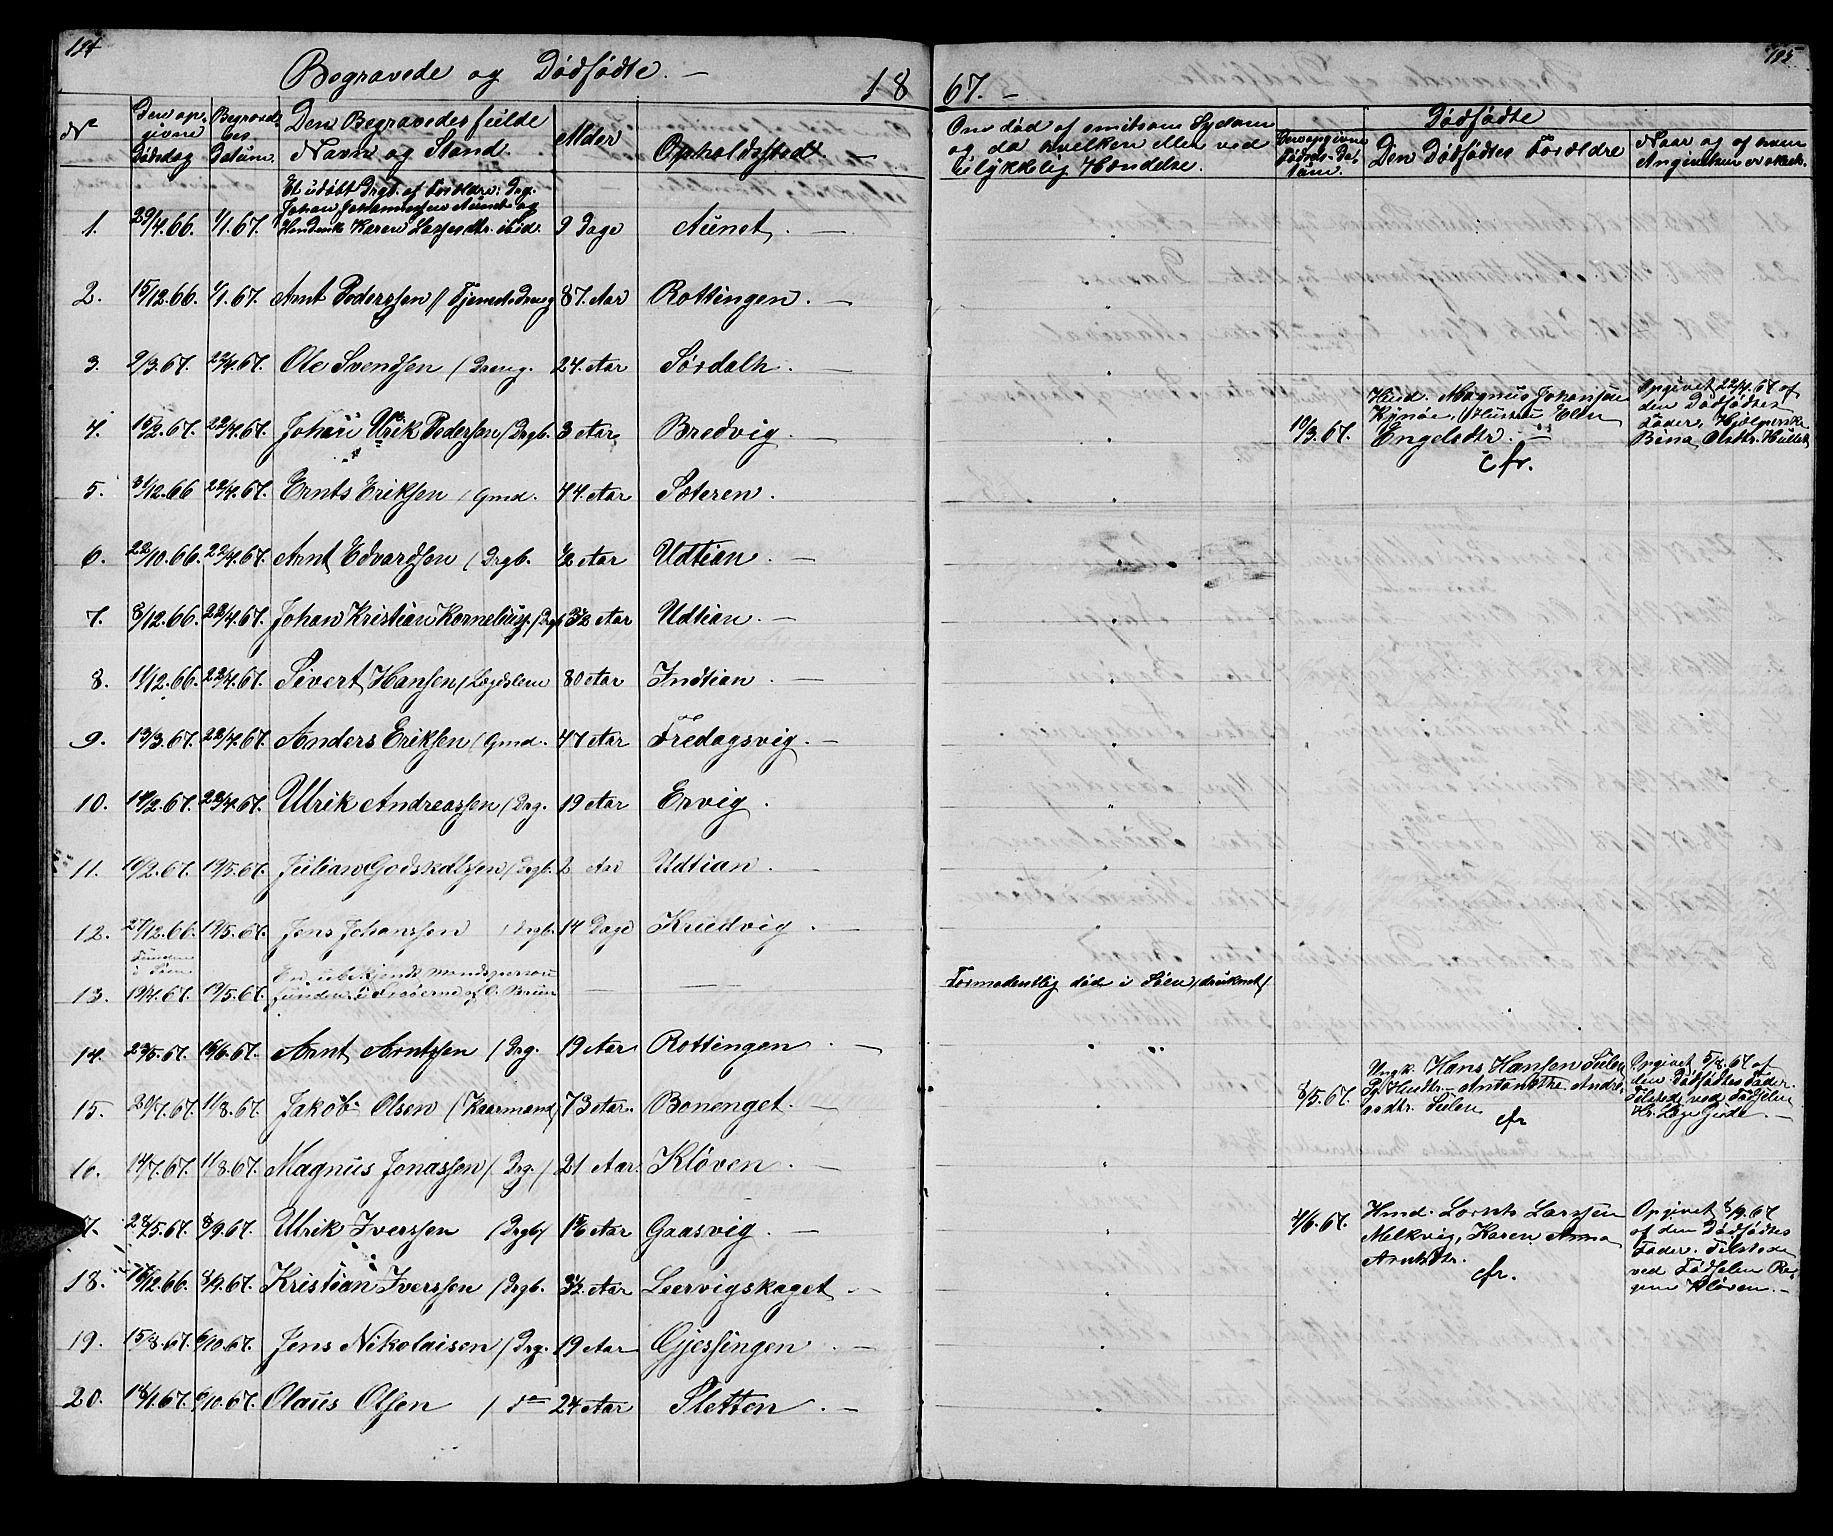 SAT, Ministerialprotokoller, klokkerbøker og fødselsregistre - Sør-Trøndelag, 640/L0583: Klokkerbok nr. 640C01, 1866-1877, s. 194-195